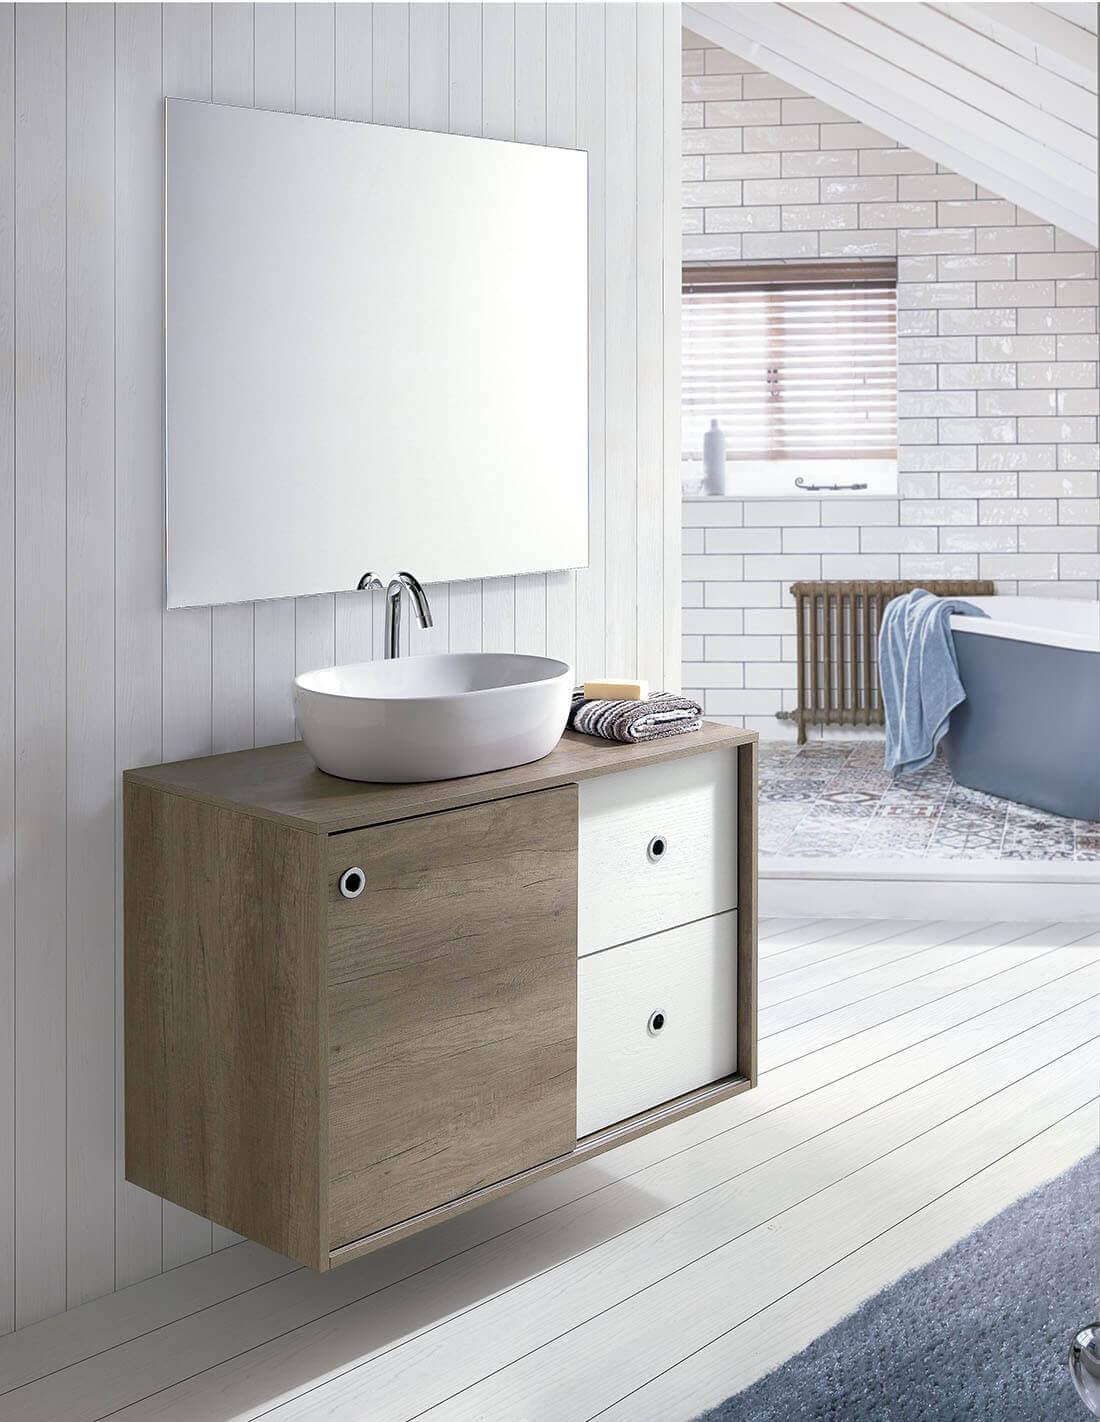 Mueble de baño con lavabo sobre encimera